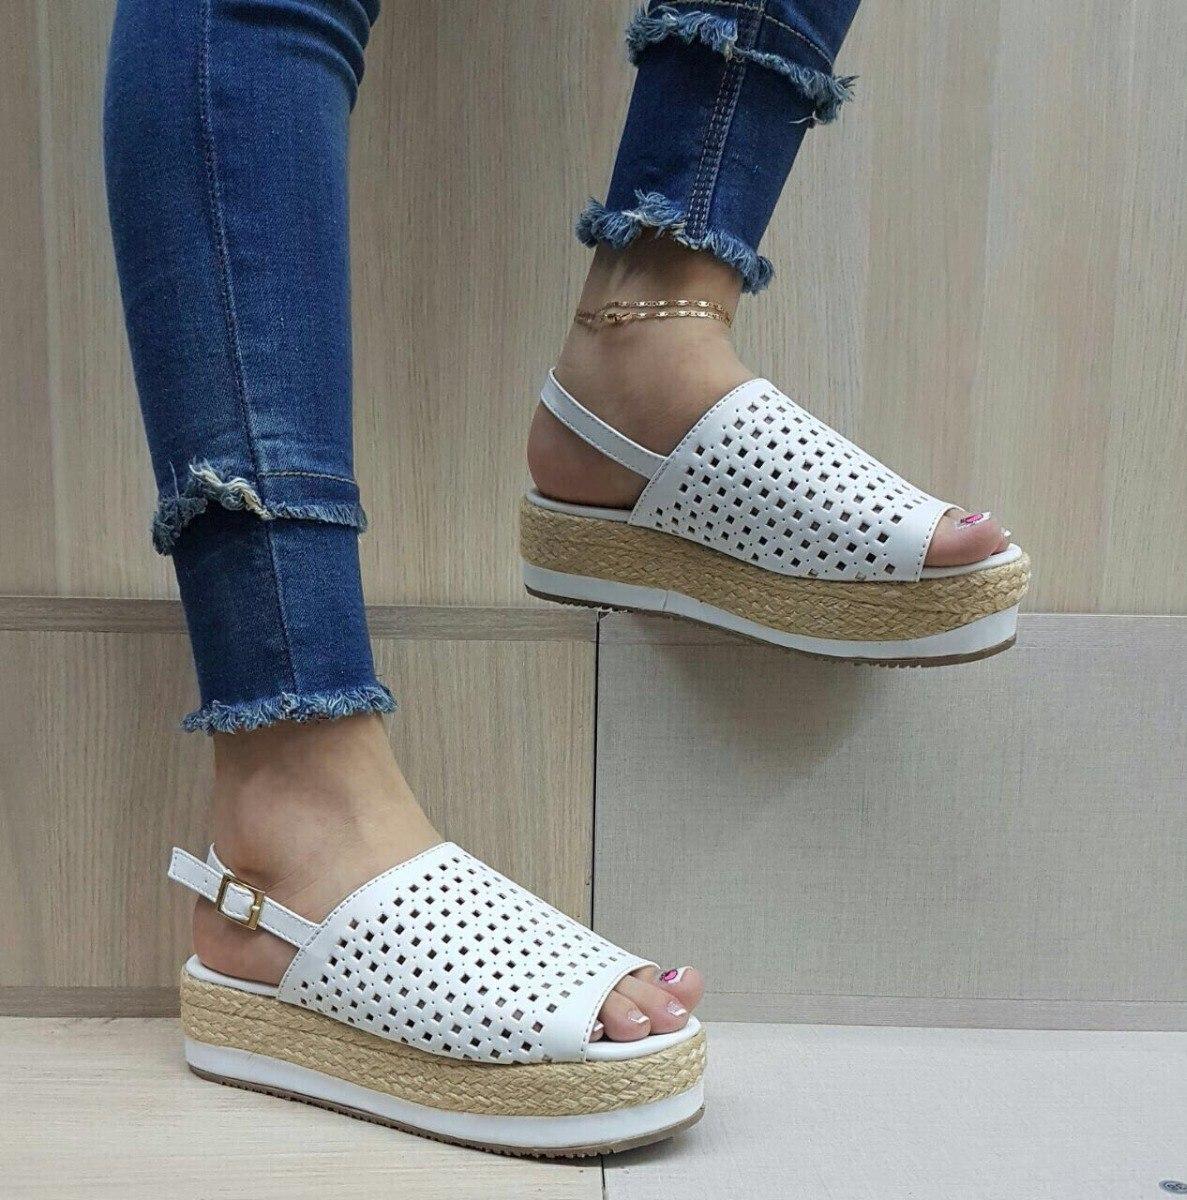 Sandalias Yute De Blancas Lindos Moda Dama El Calzado Más 0Nw8mn